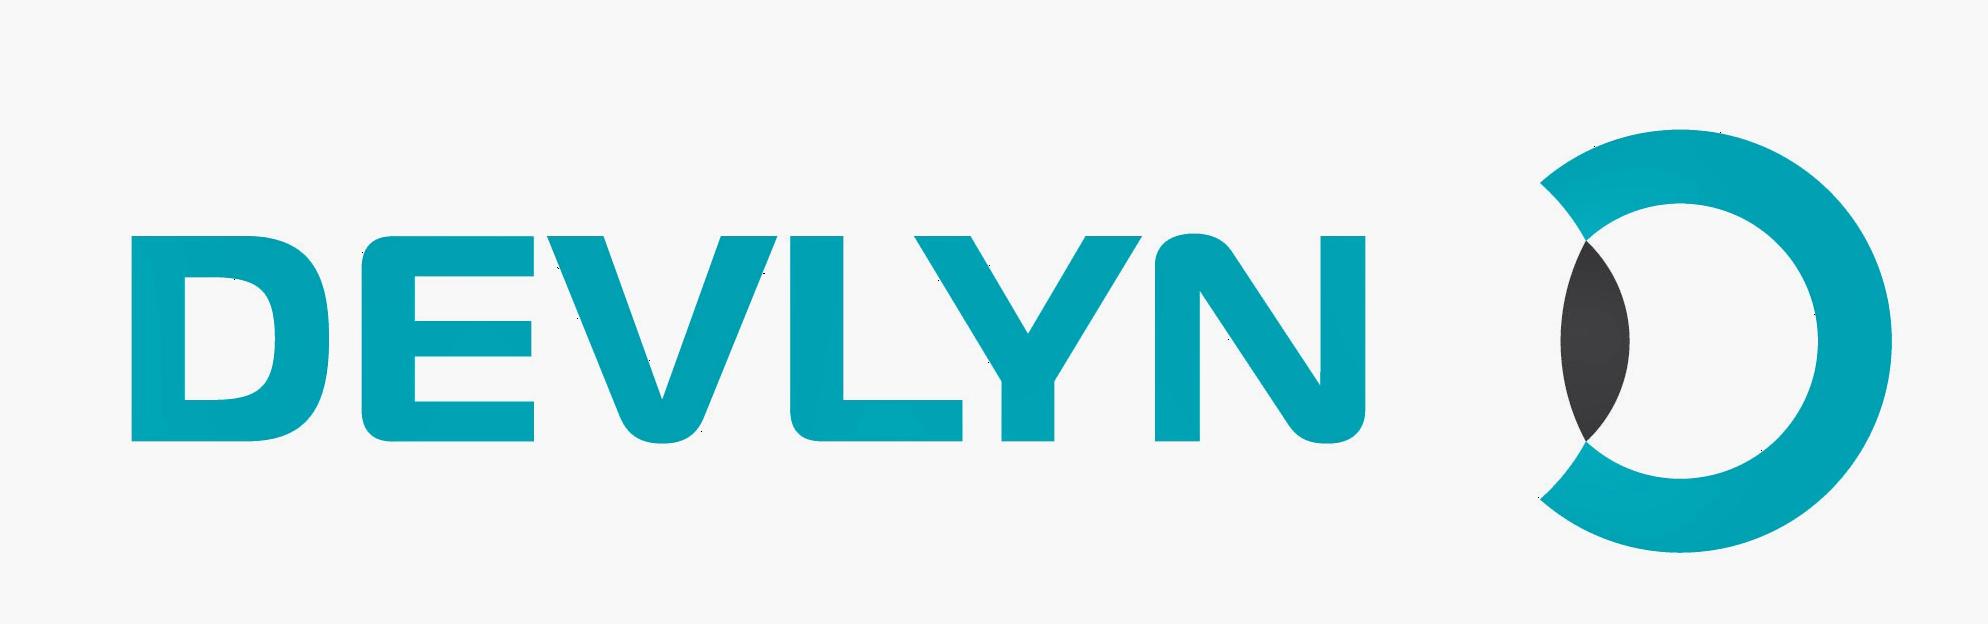 Devlyn-logo-logotype